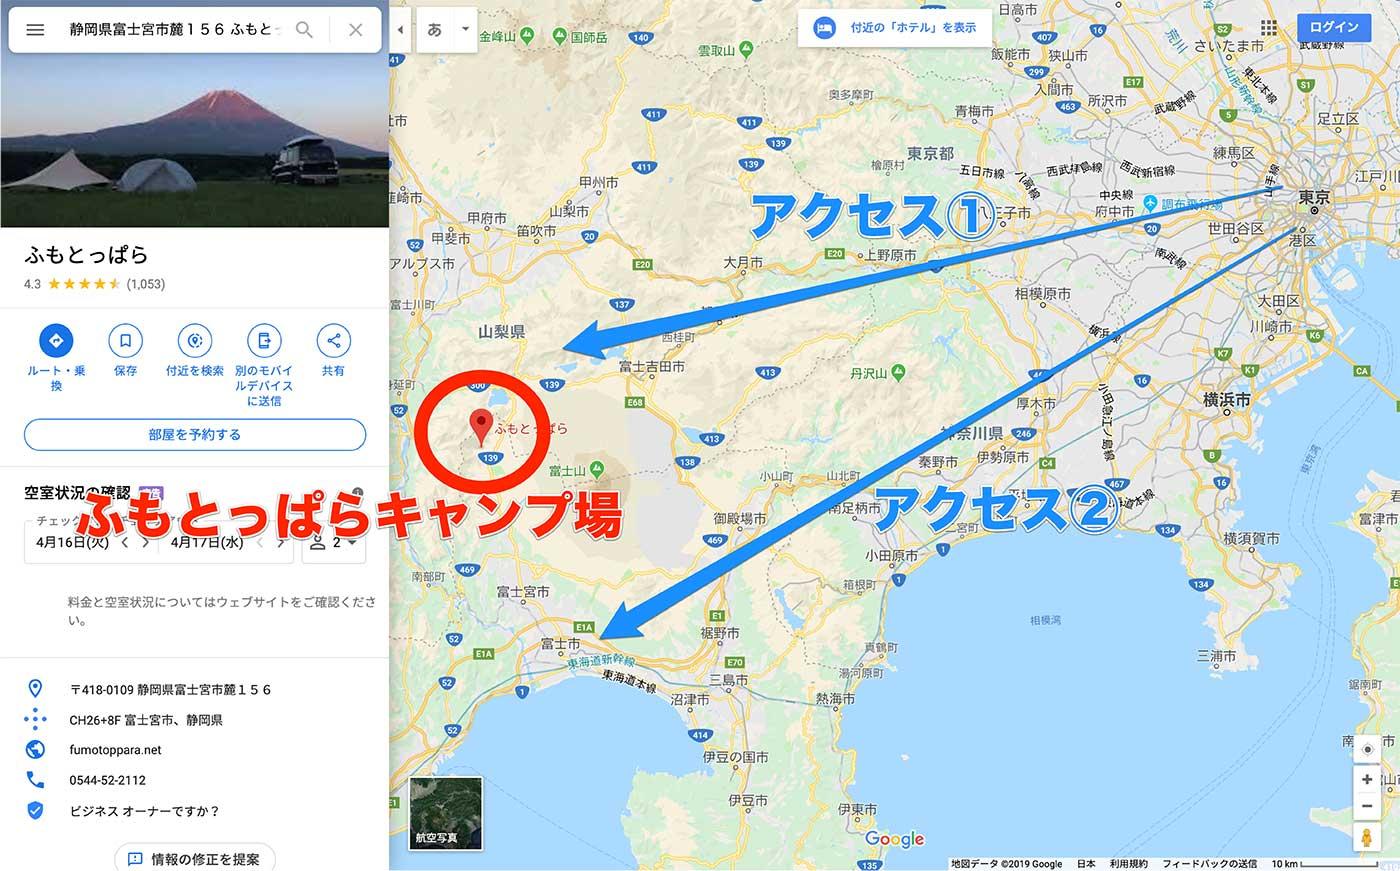 東京からふもとっぱらキャンプ場へ行く方法